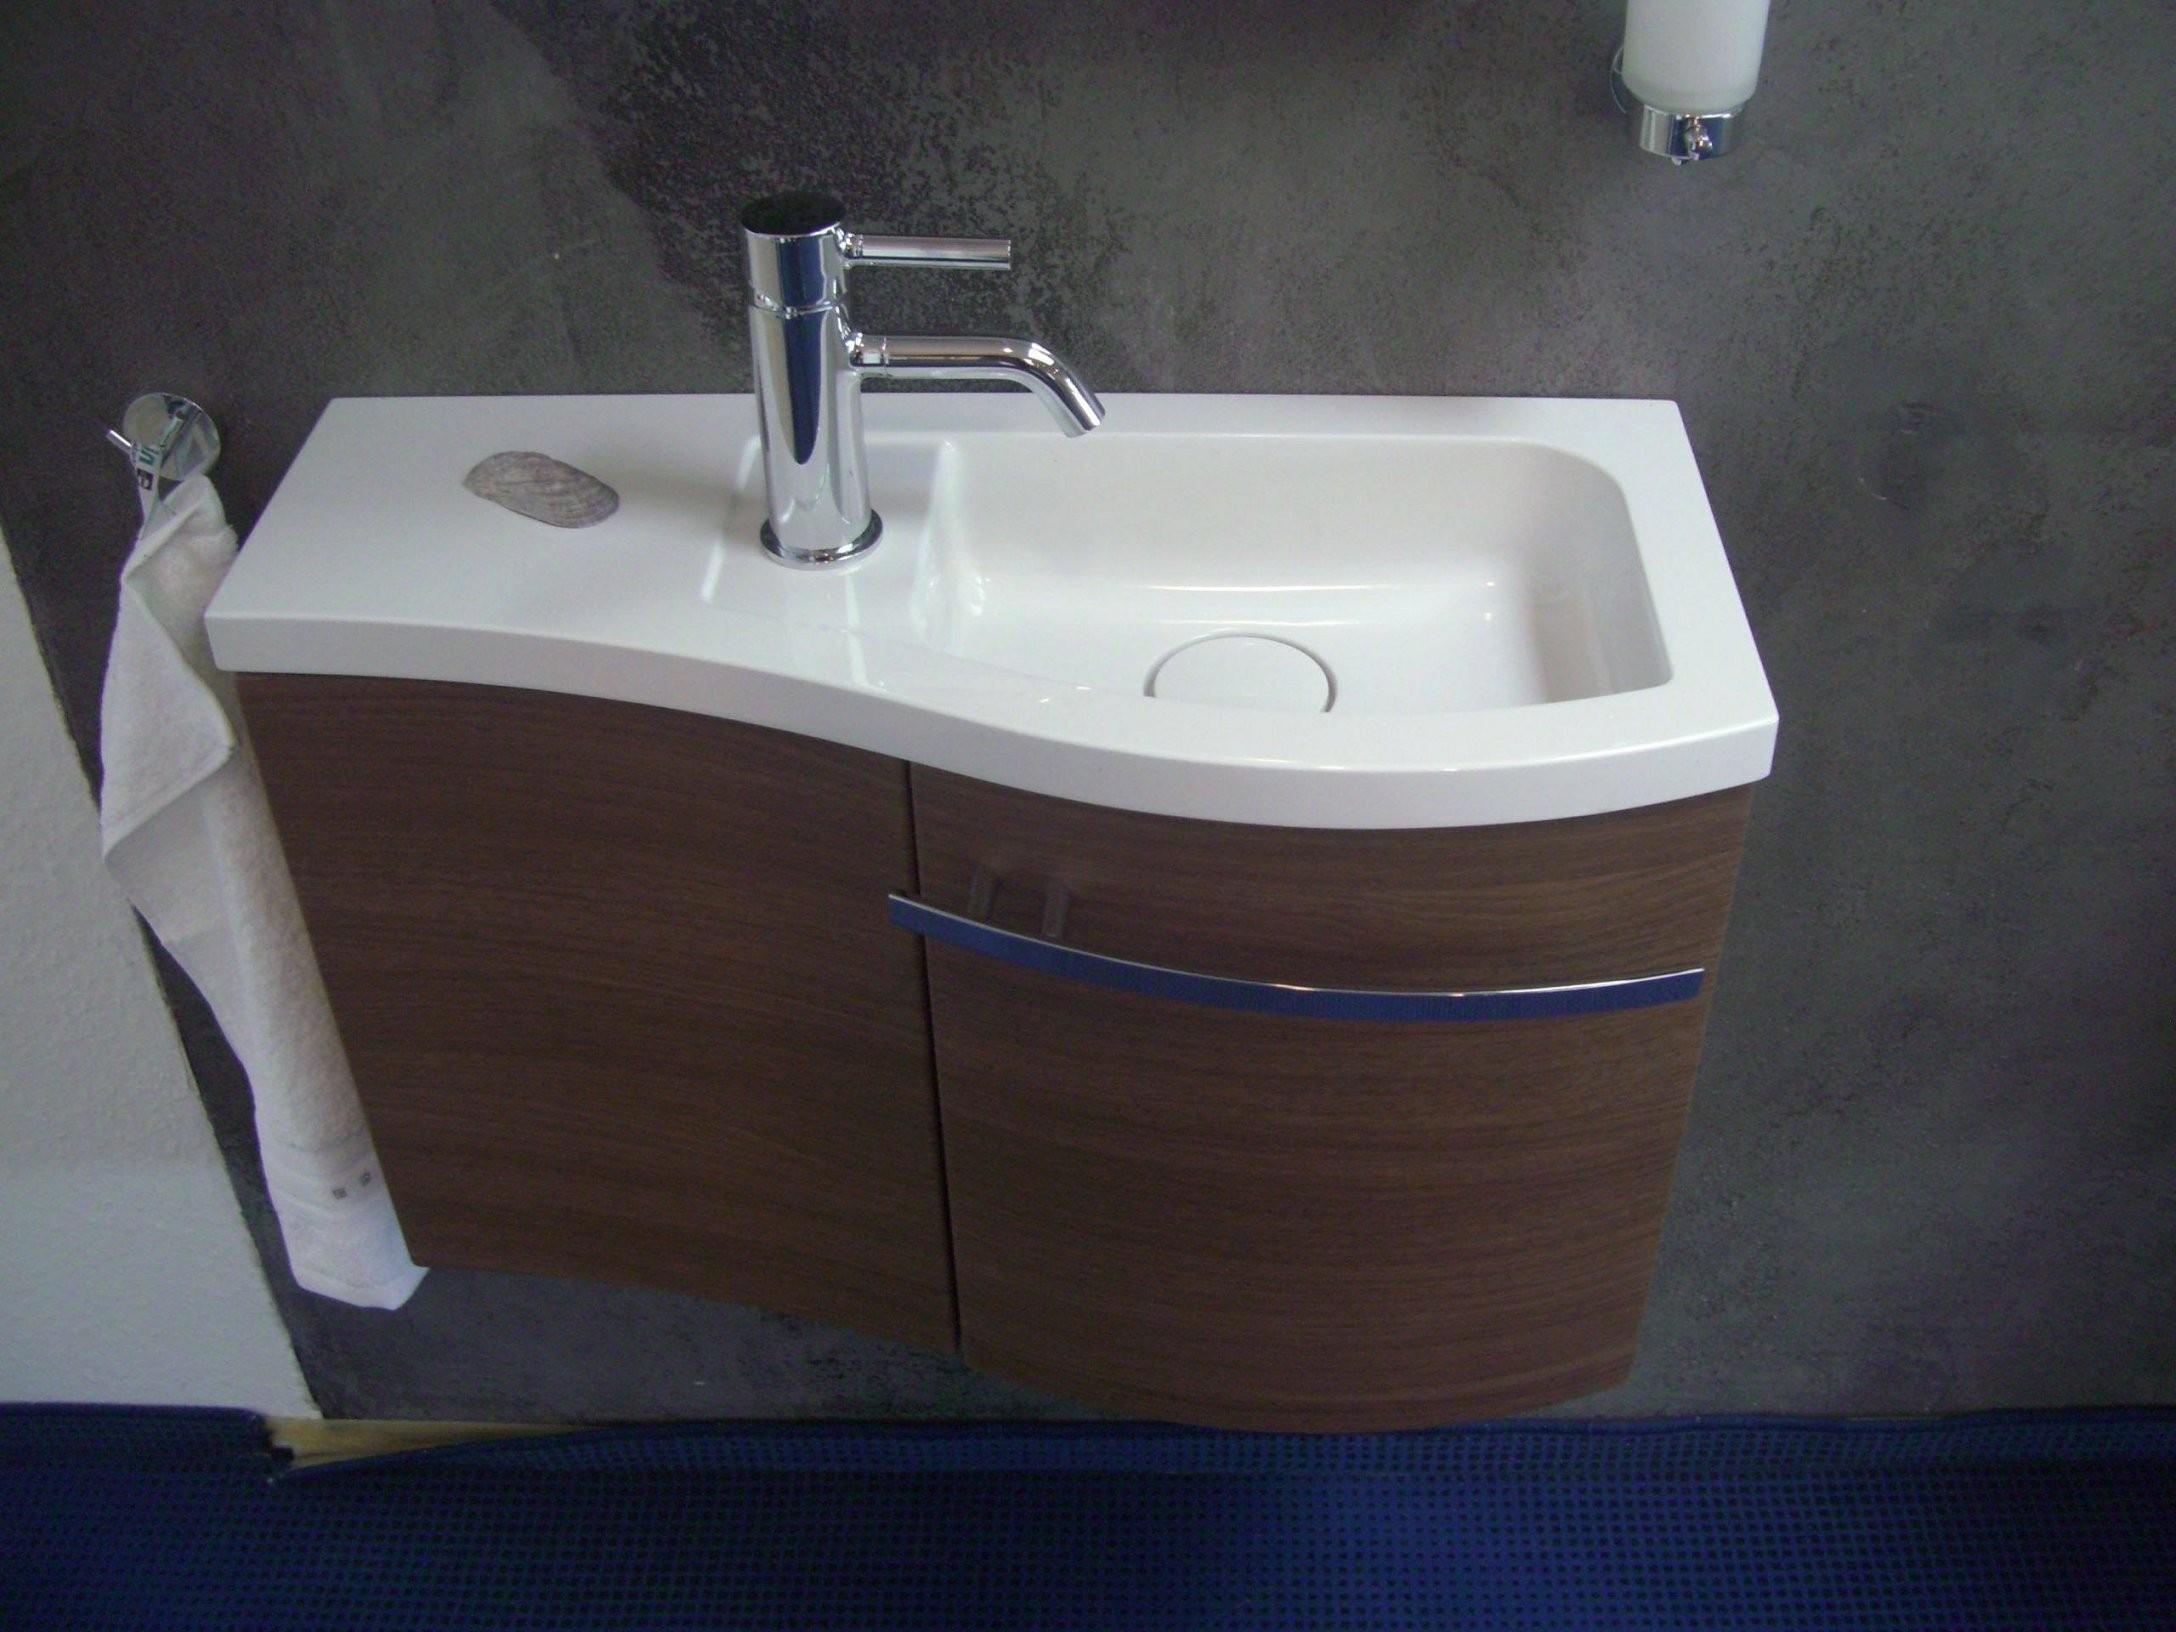 Waschtisch Für Gästetoilette Schön 47 Beispiel  Christopherreed2008 von Kleine Waschbecken Gäste Wc Bild